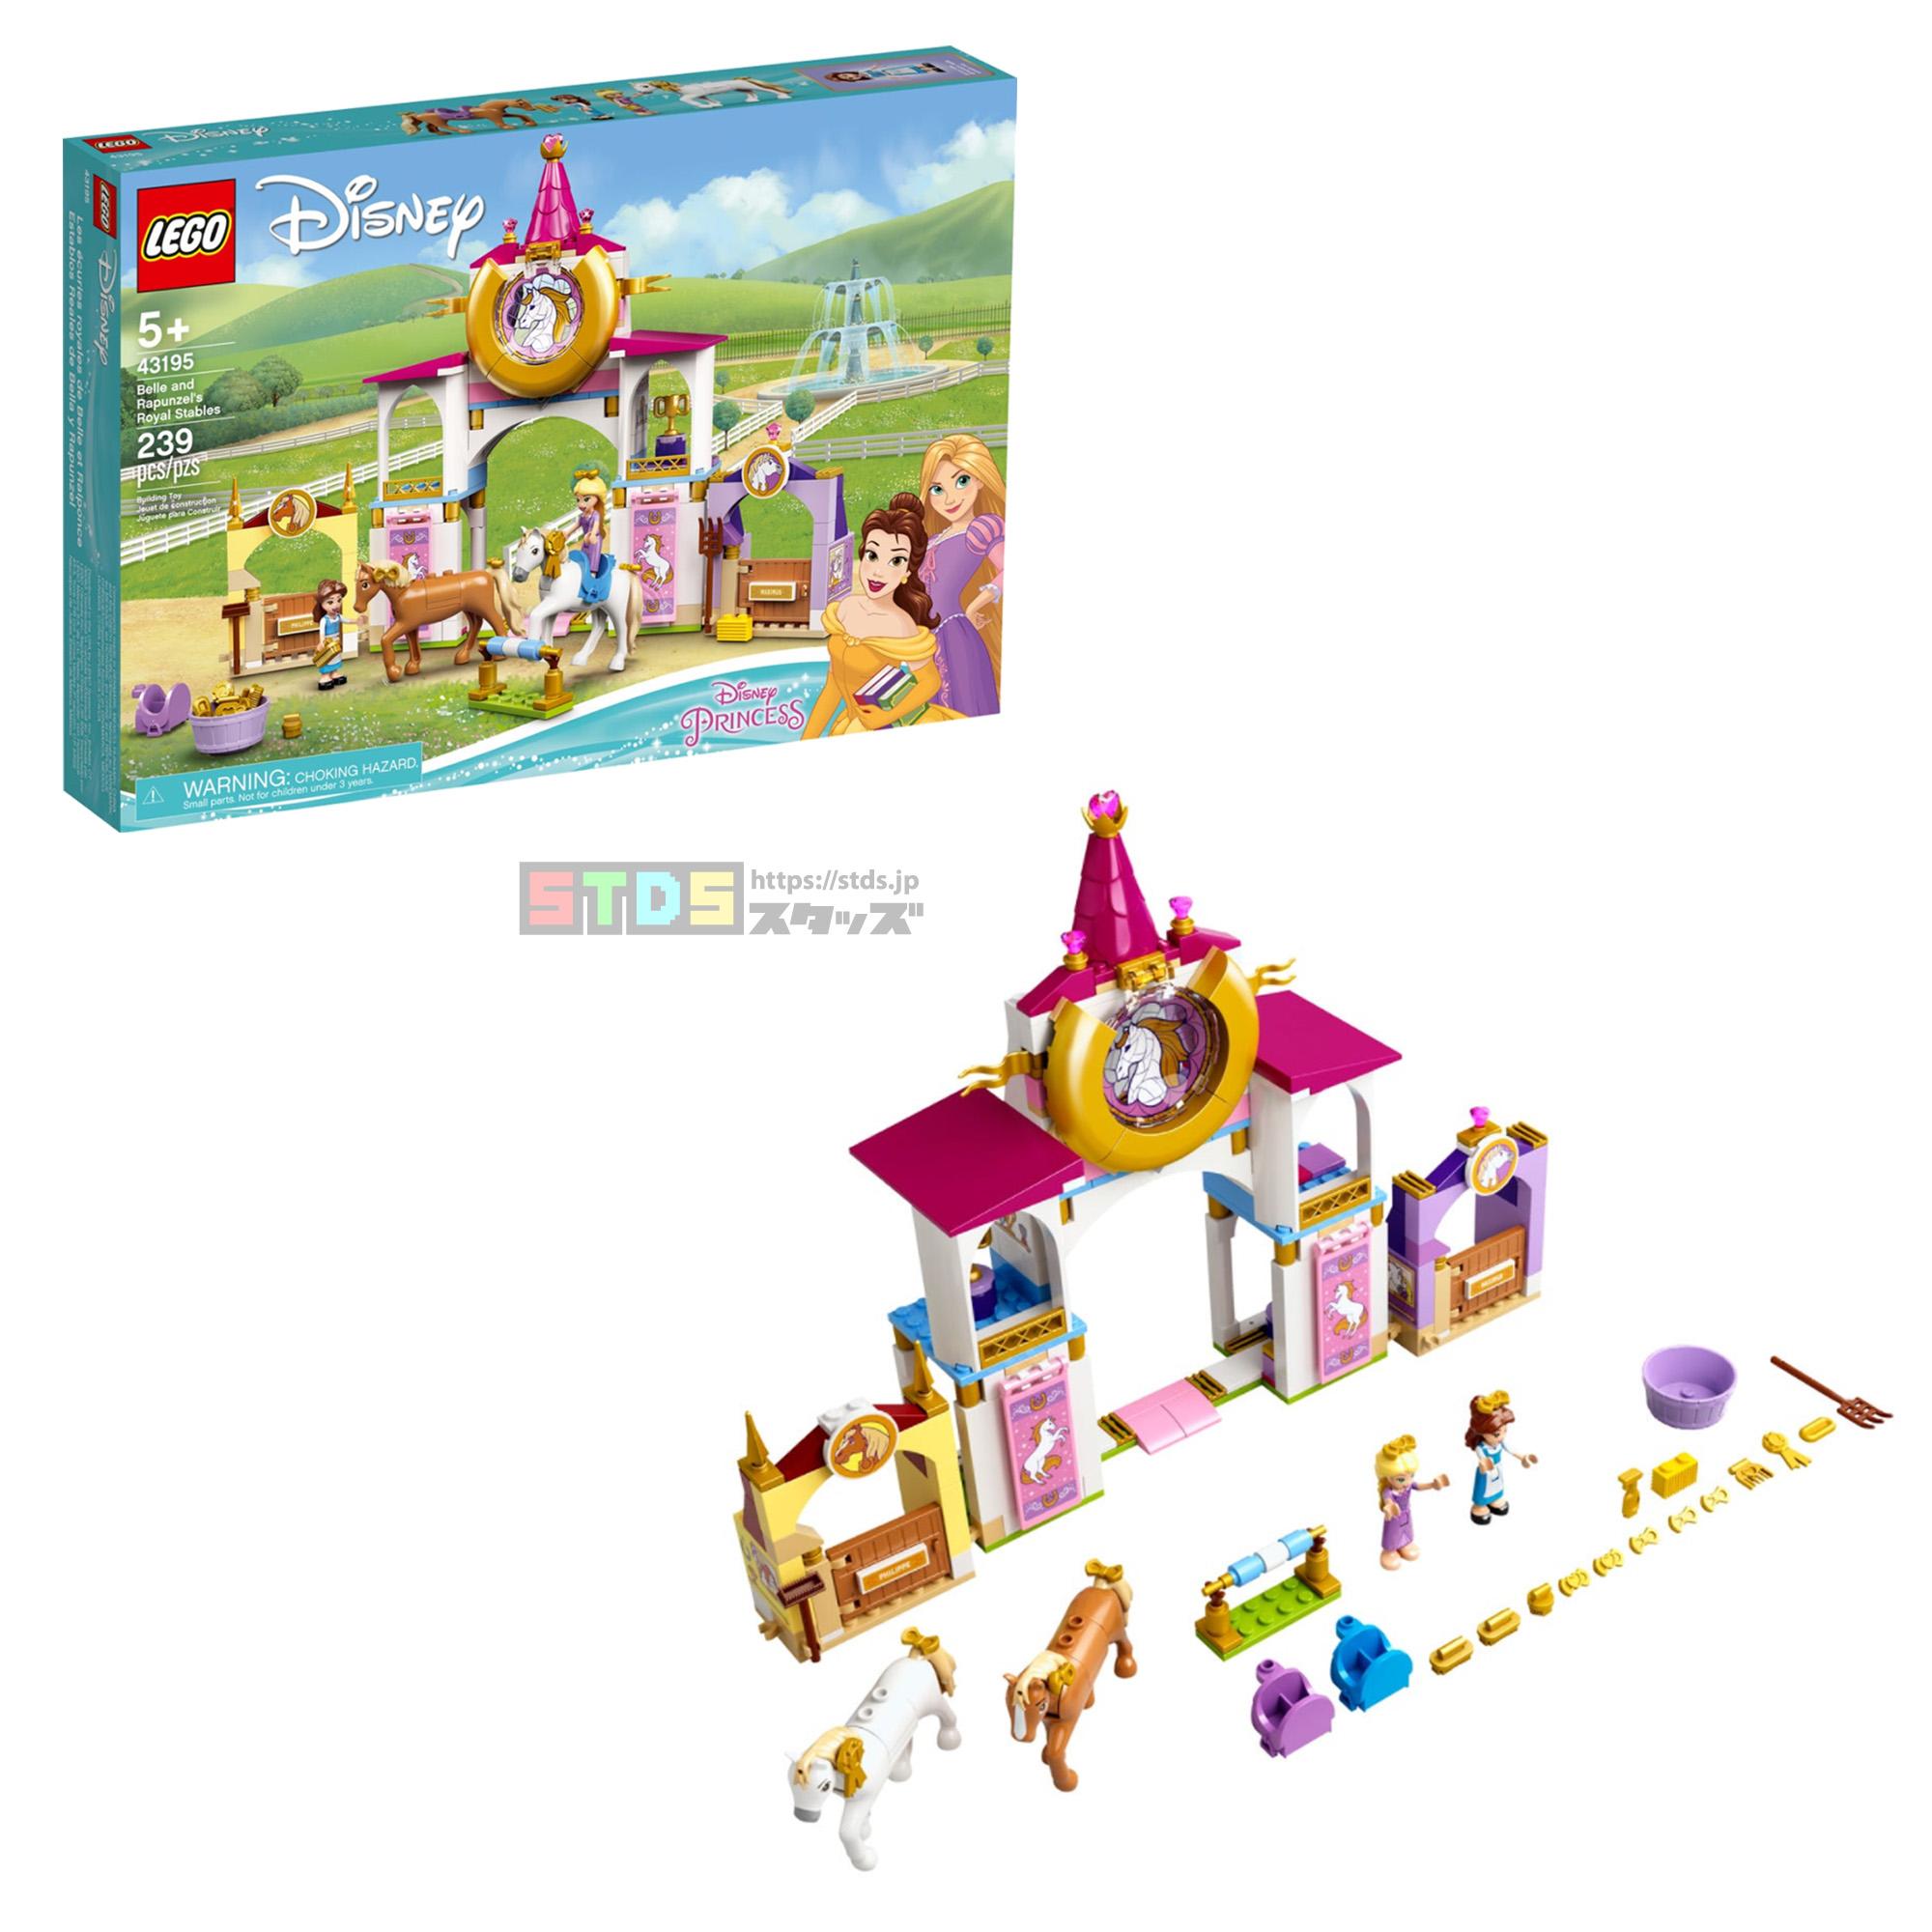 レゴ(LEGO) ディズニープリンセス ベルとラプンツェルの馬のお世話 43195